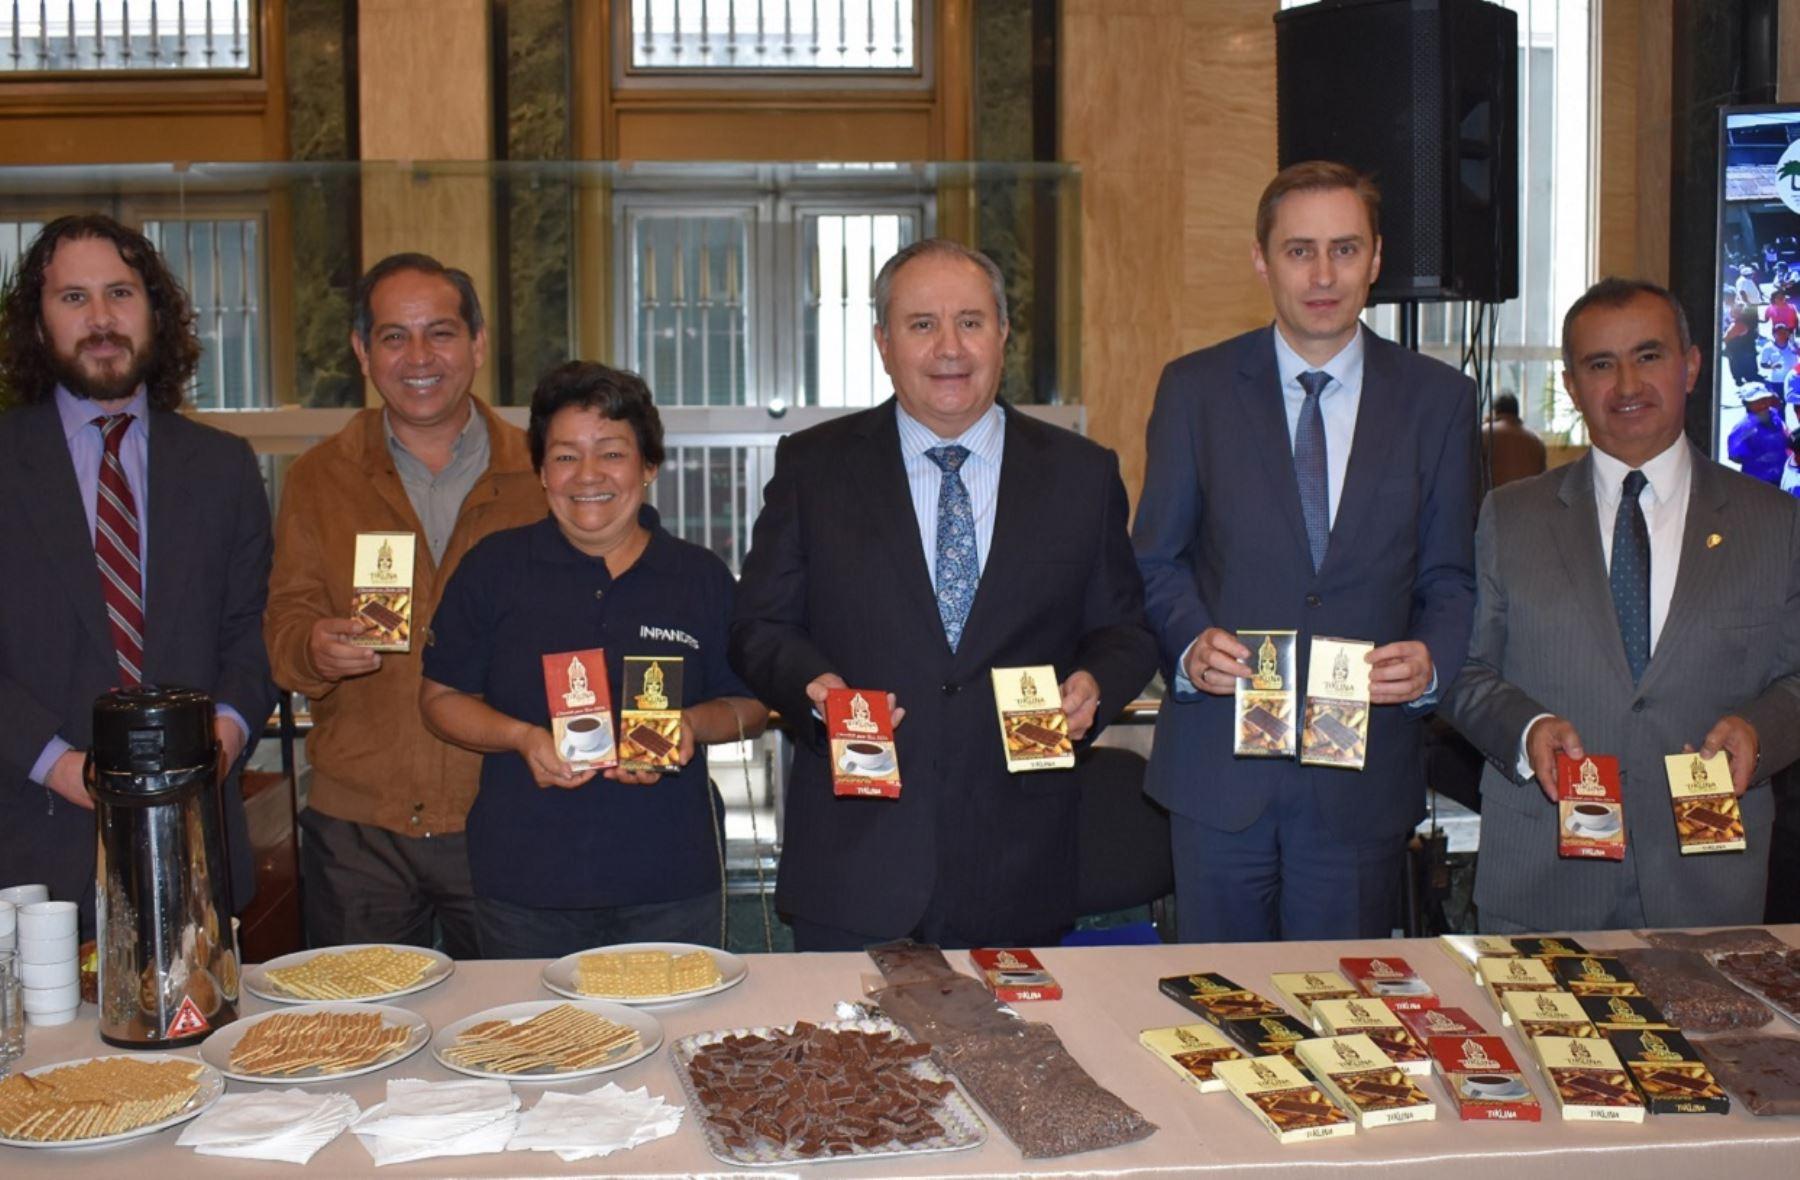 Presentación del chocolate tikuna en la Cancillería peruana. Foto: Cortesía.